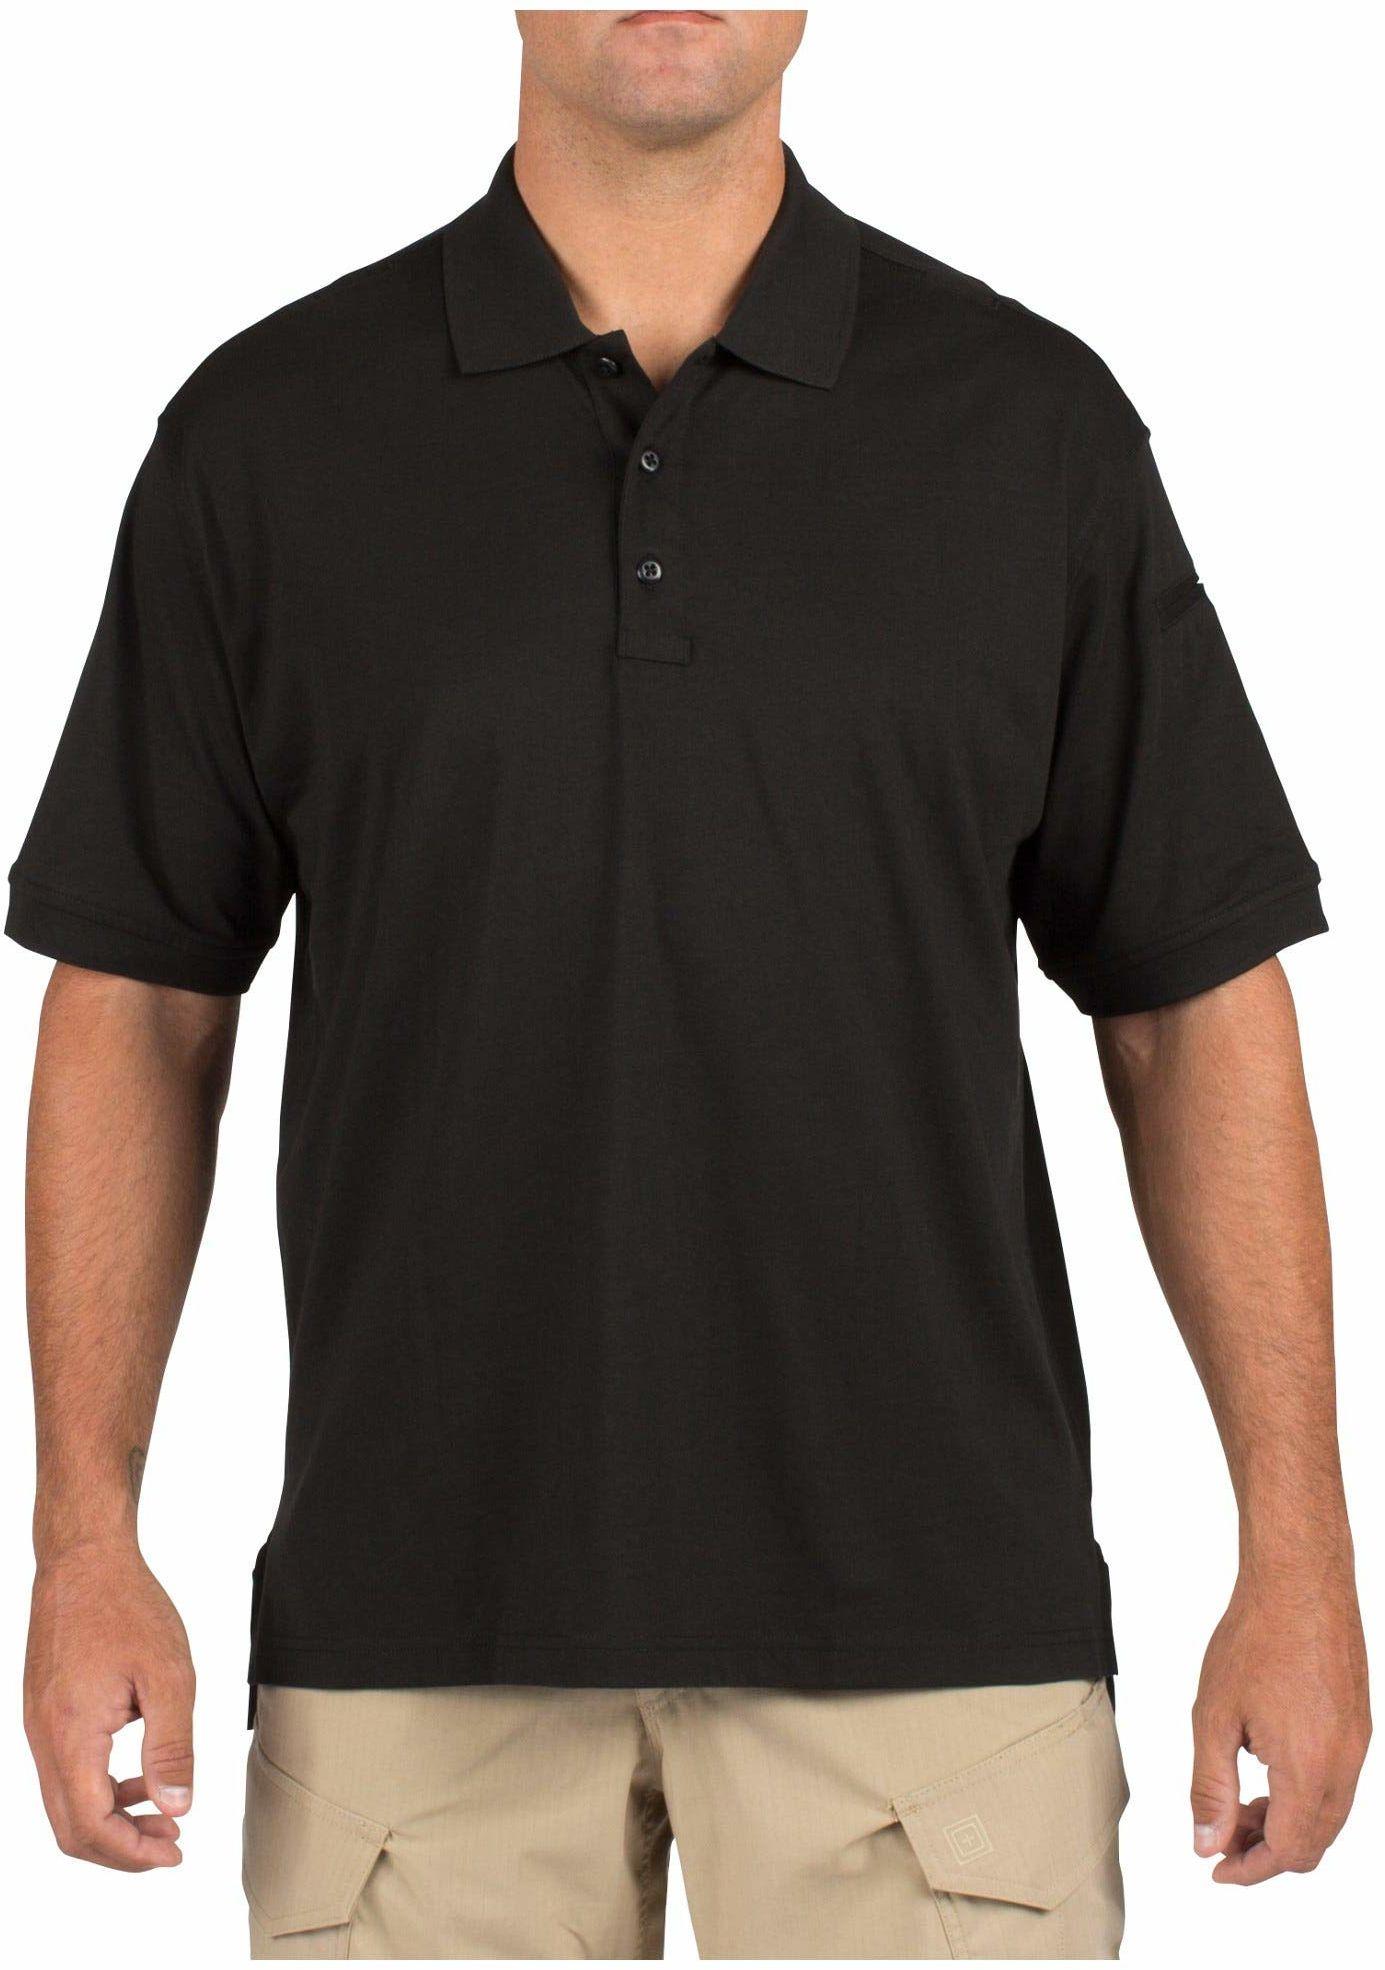 5.11 Tactical męska koszulka polo, krótki rękaw, nie gniecie się, bawełna, styl 71182 Small czarna